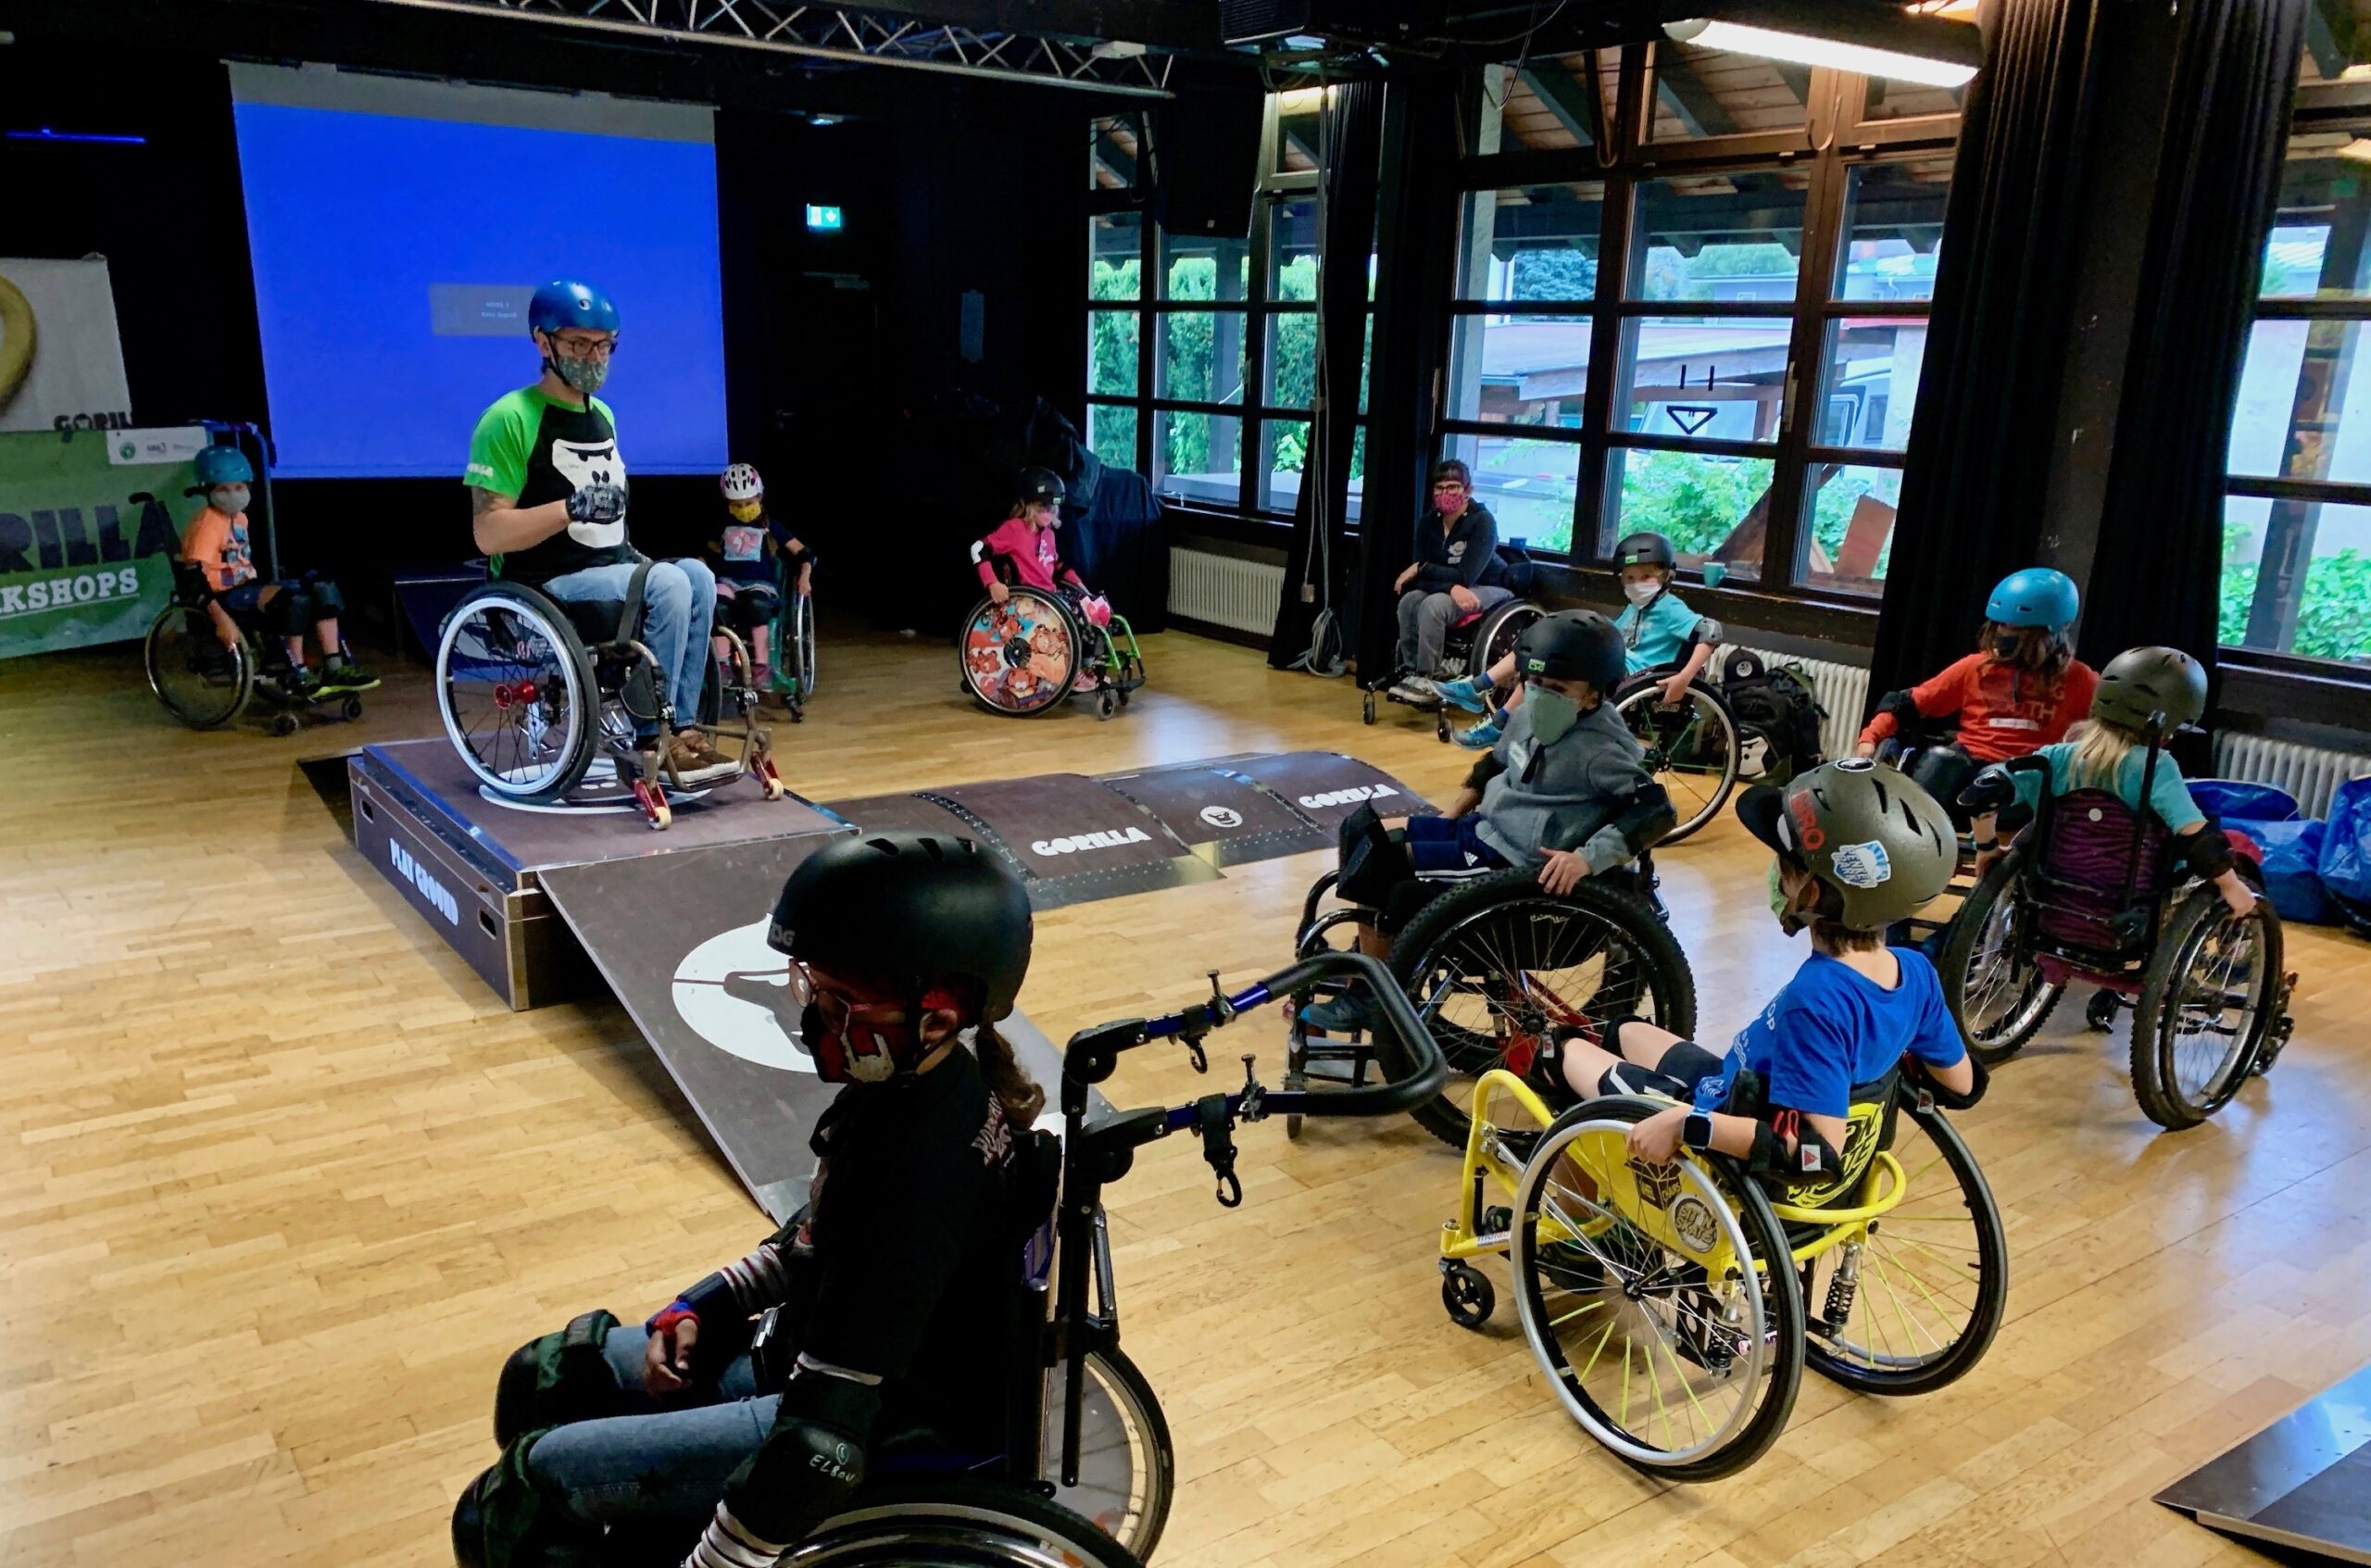 Kids auf Rollstuehlen im Rahmen eines GORILLA Inklusionsworkshops.